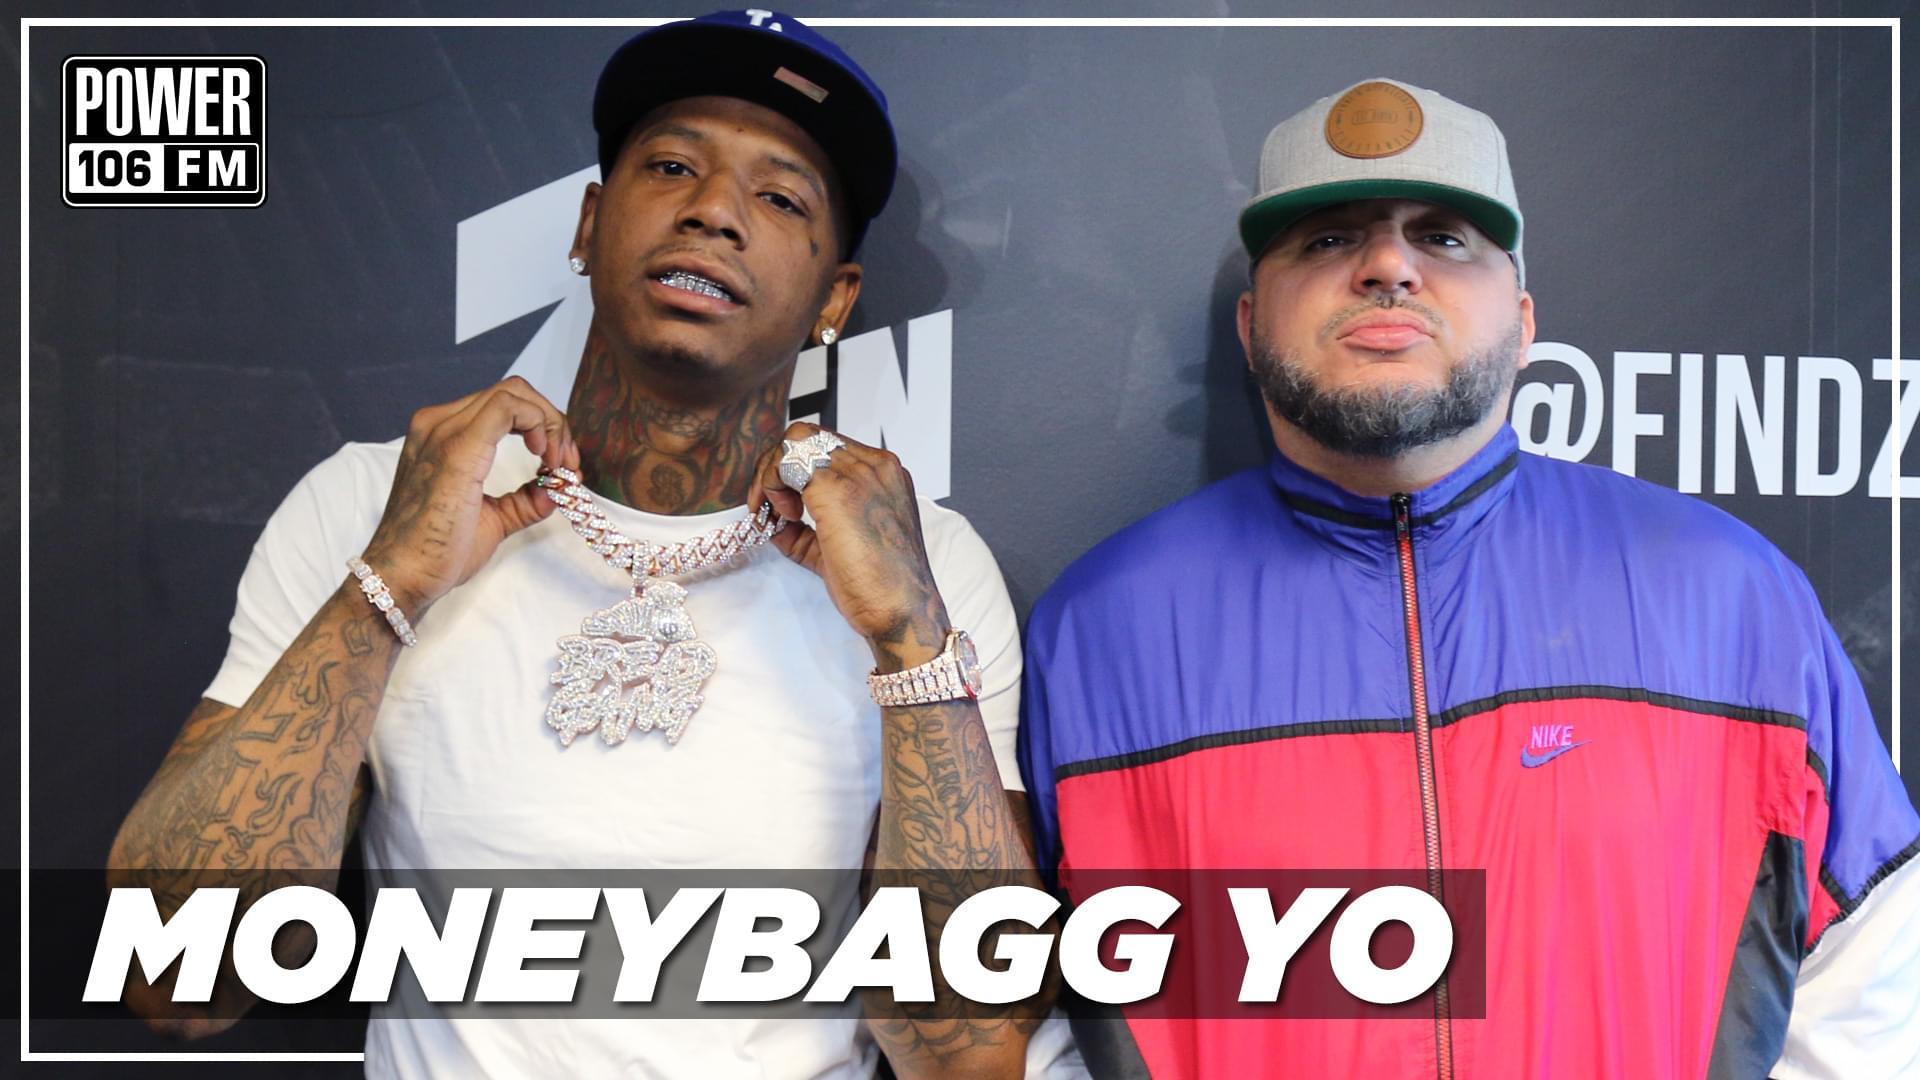 Moneybagg Yo Teases Upcoming Collab w/ Summer Walker & Choosing Between Biggie & Tupac [WATCH]